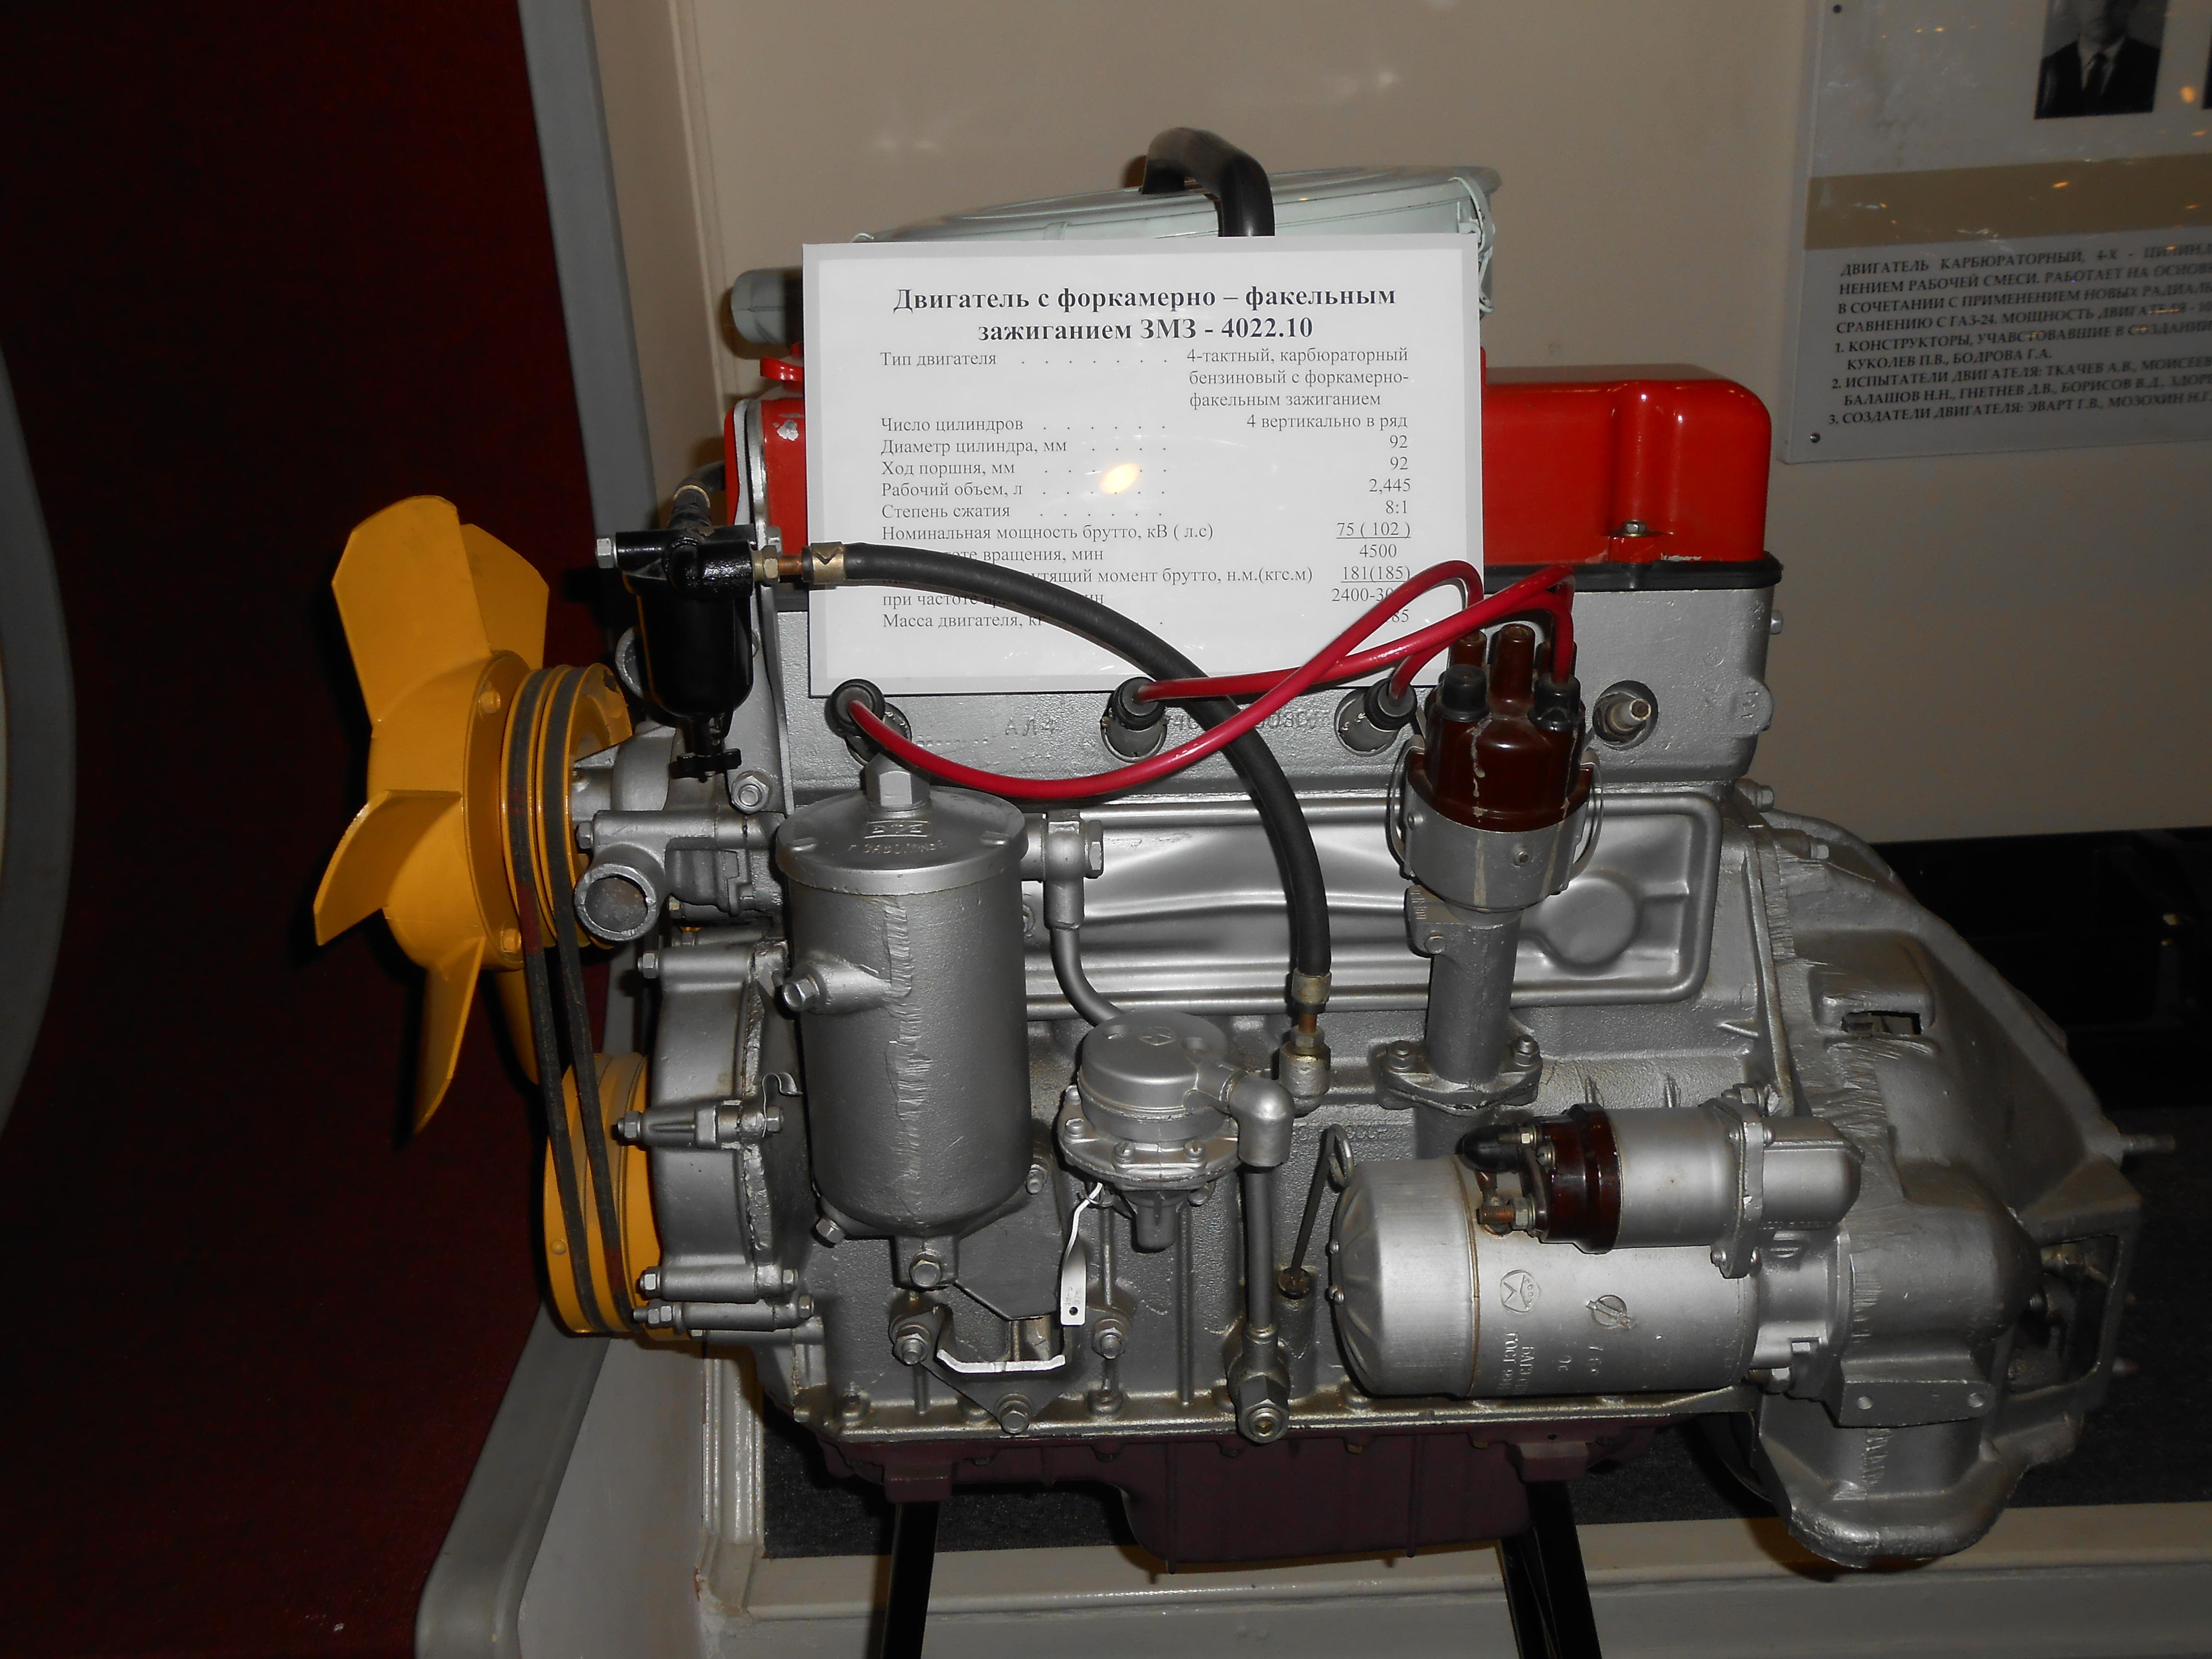 Как узнать объем двигателя в см3. калькулятор расчета рабочего объёма двигателя внутреннего сгорания